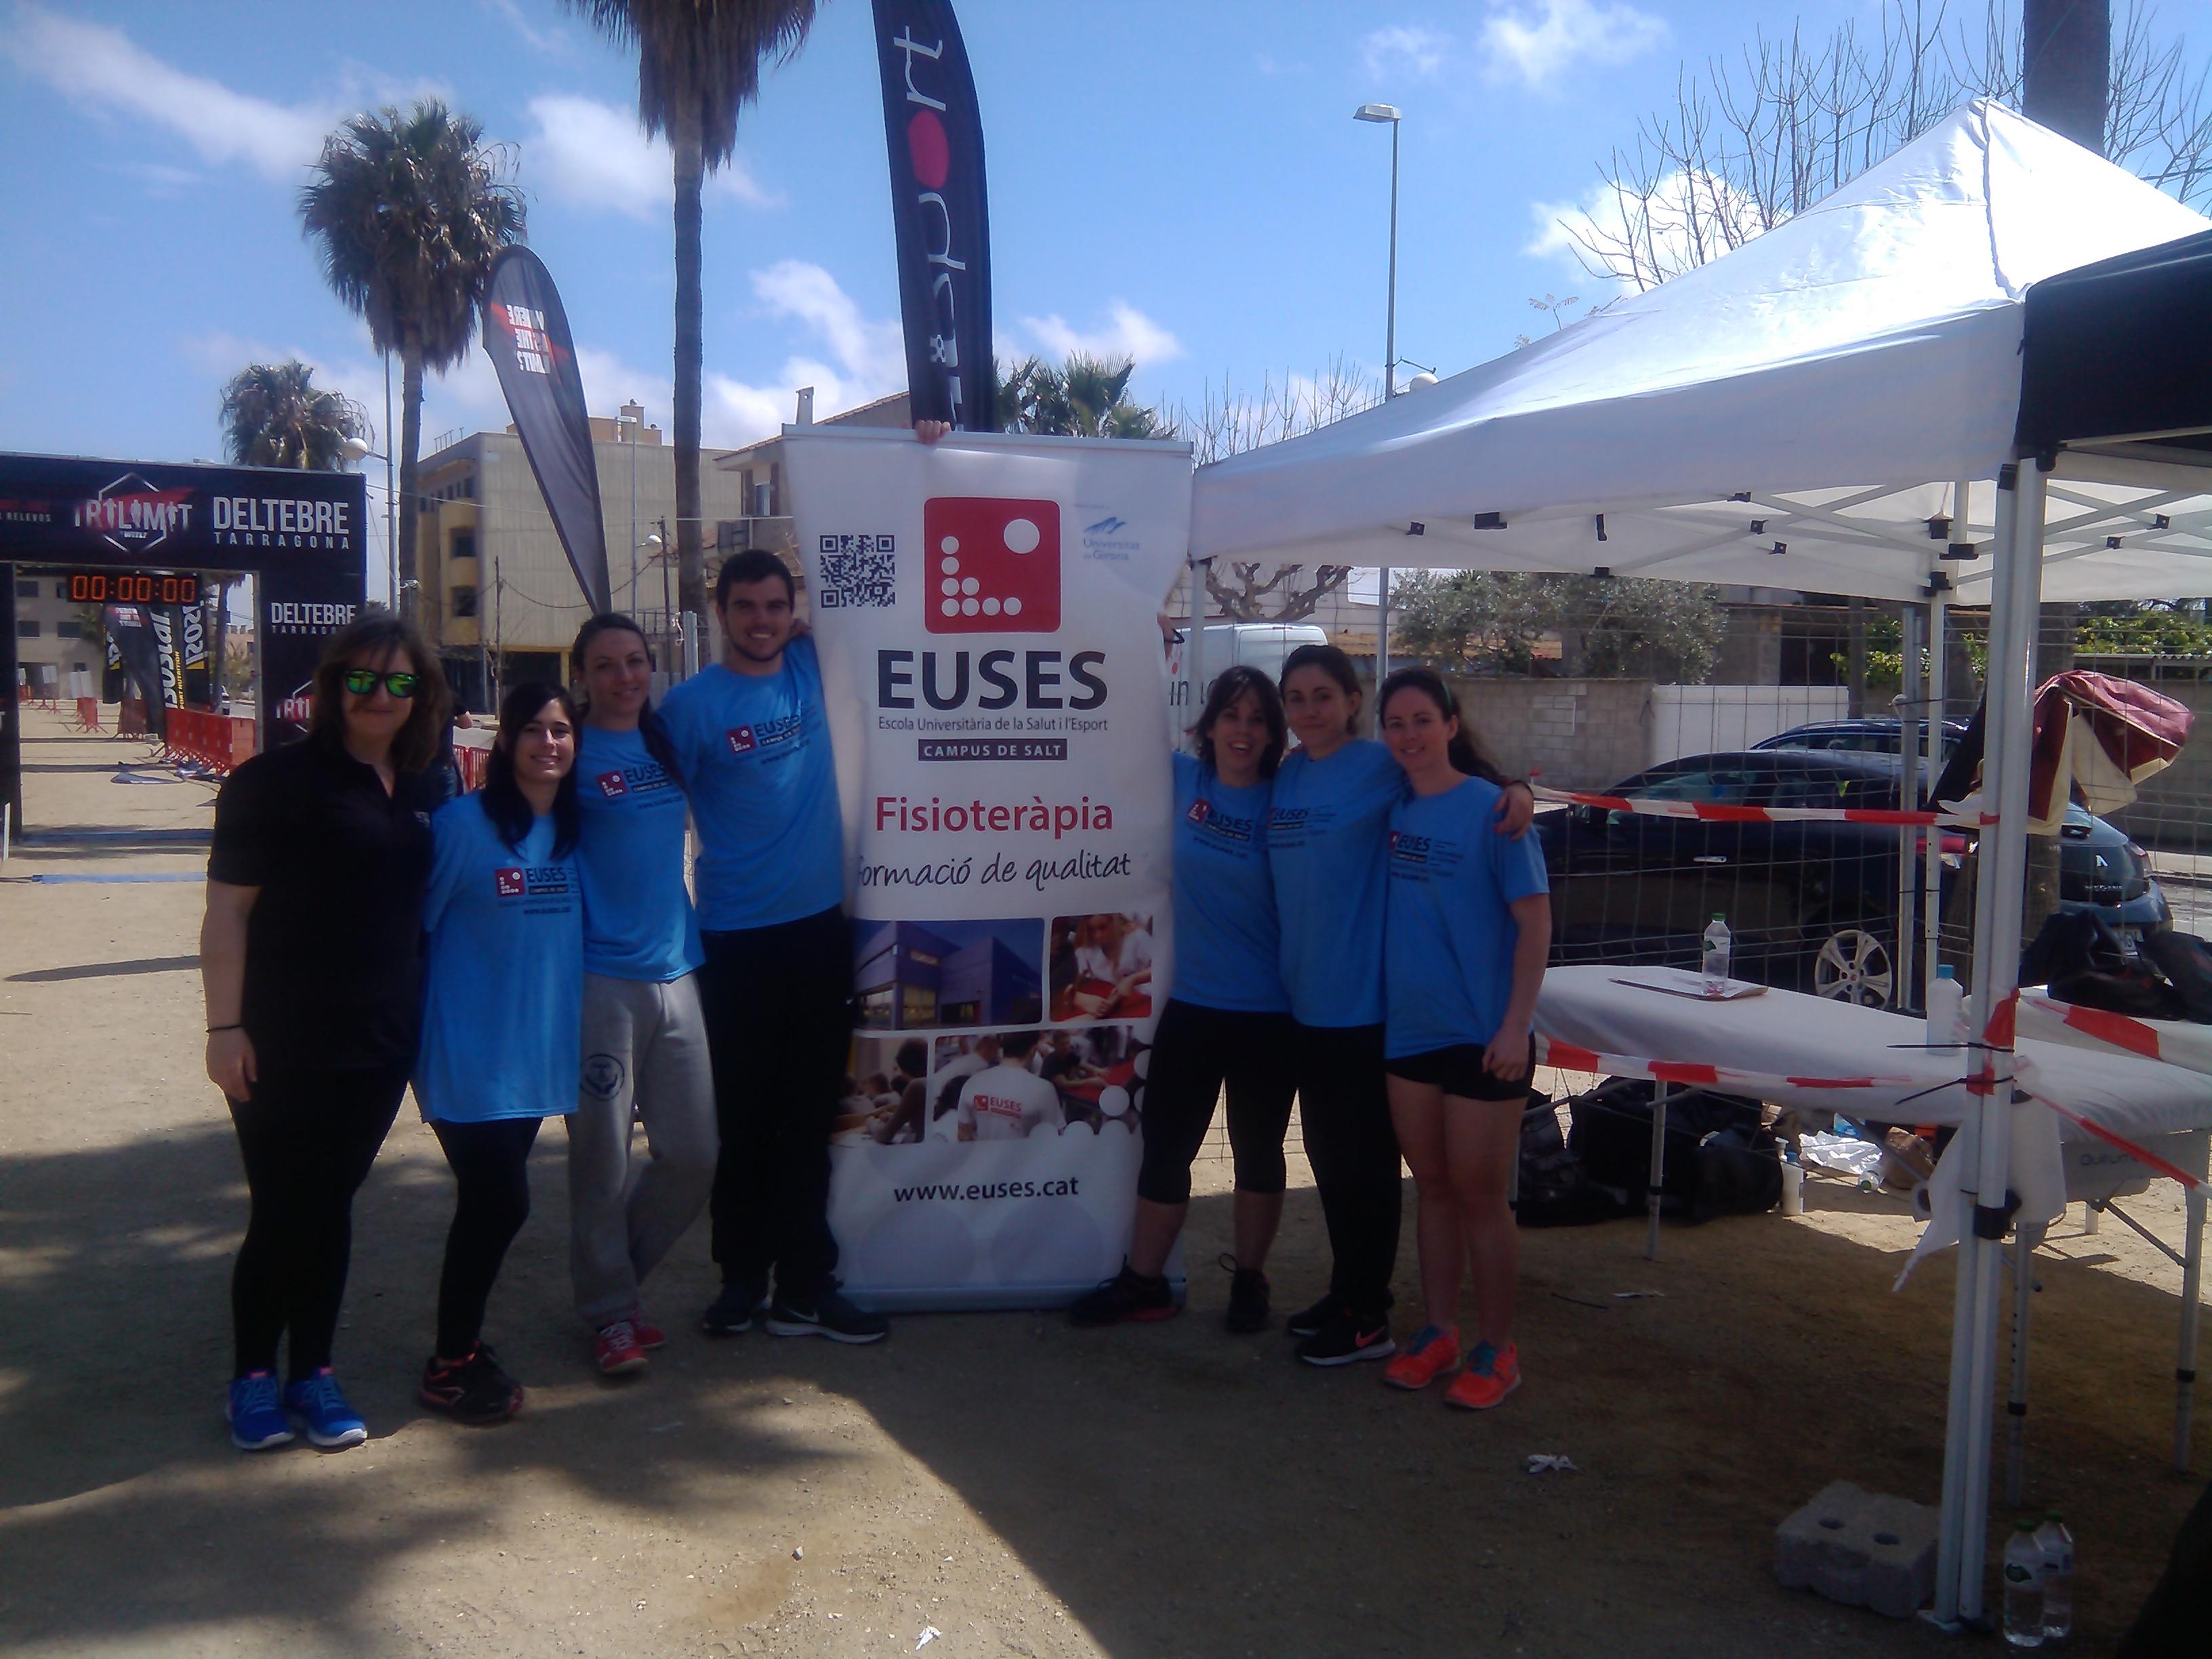 Sis estudiants del Grau en Fisioteràpia d'EUSES tenen cura dels participants de la Trilímit, a Deltebre (Tarragona)